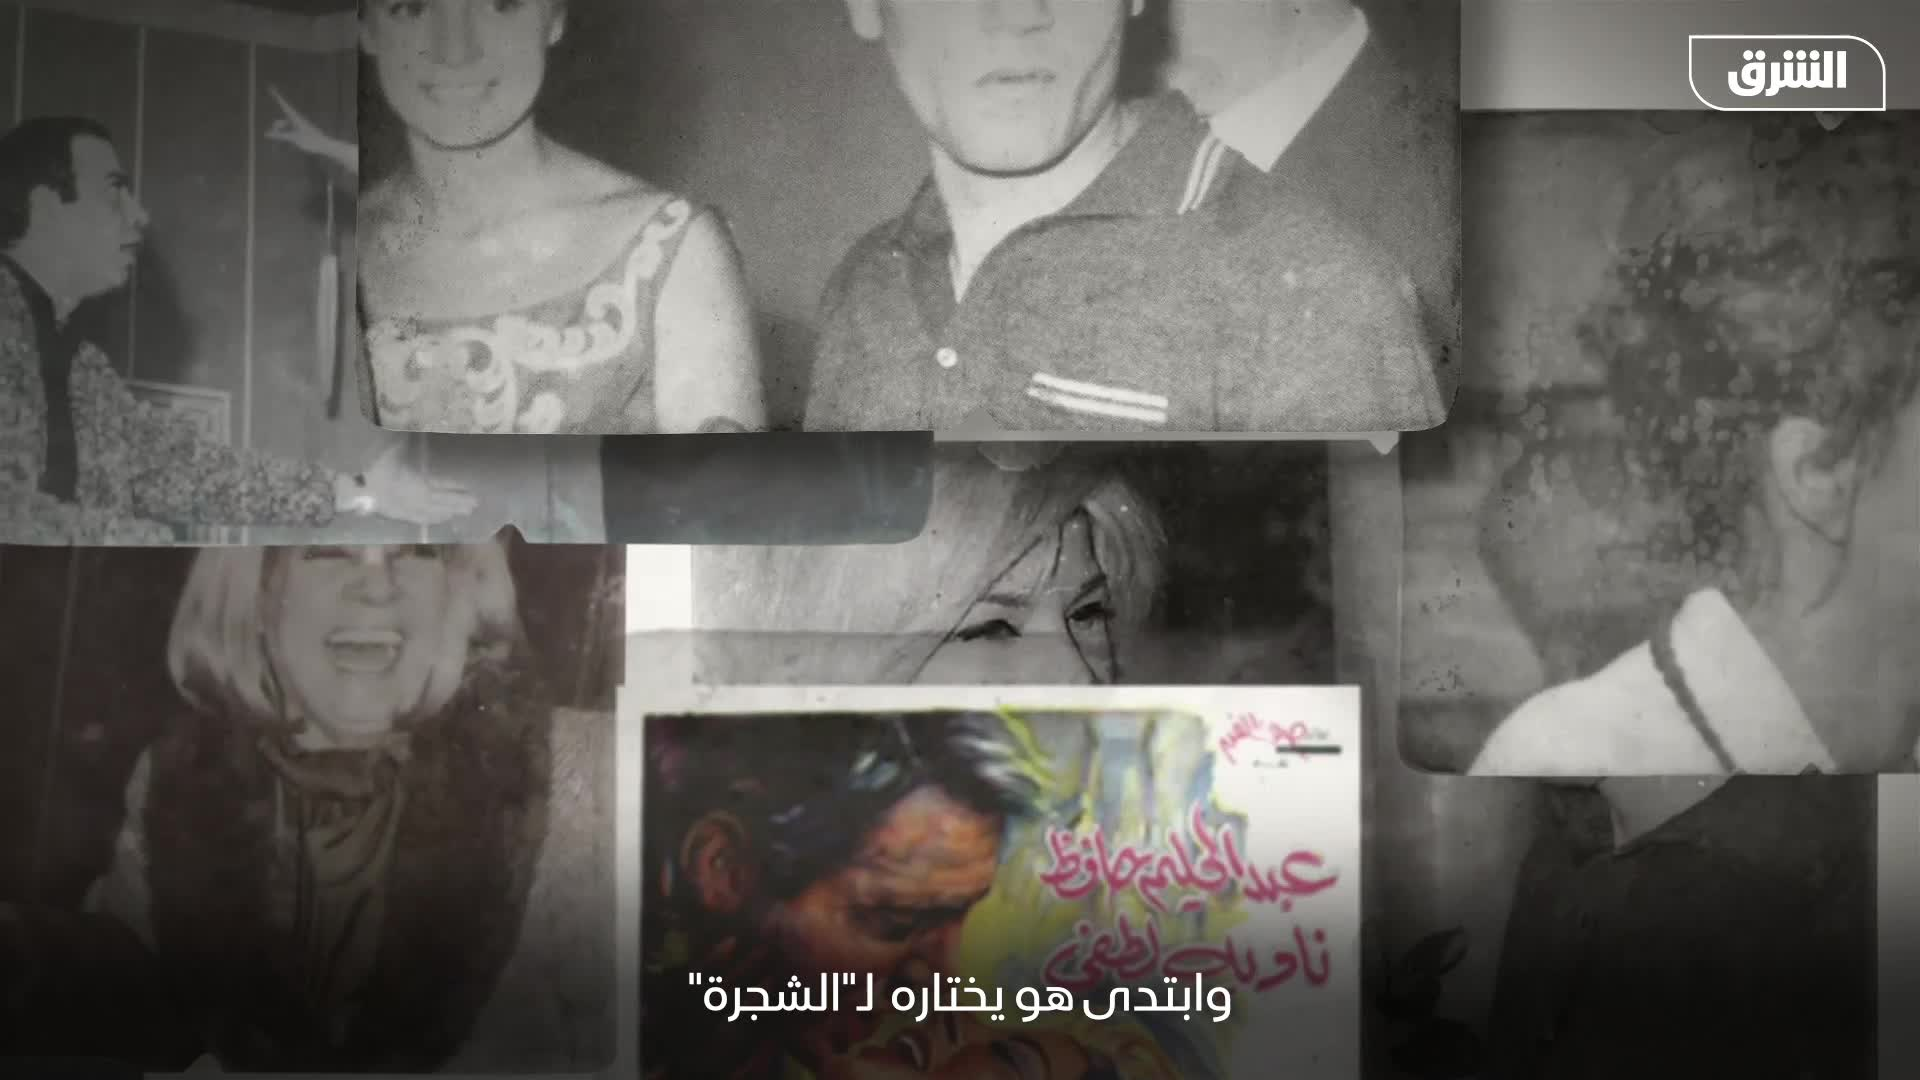 اسمي بولا - مذكرات الفنانة نادية لطفي- ح5